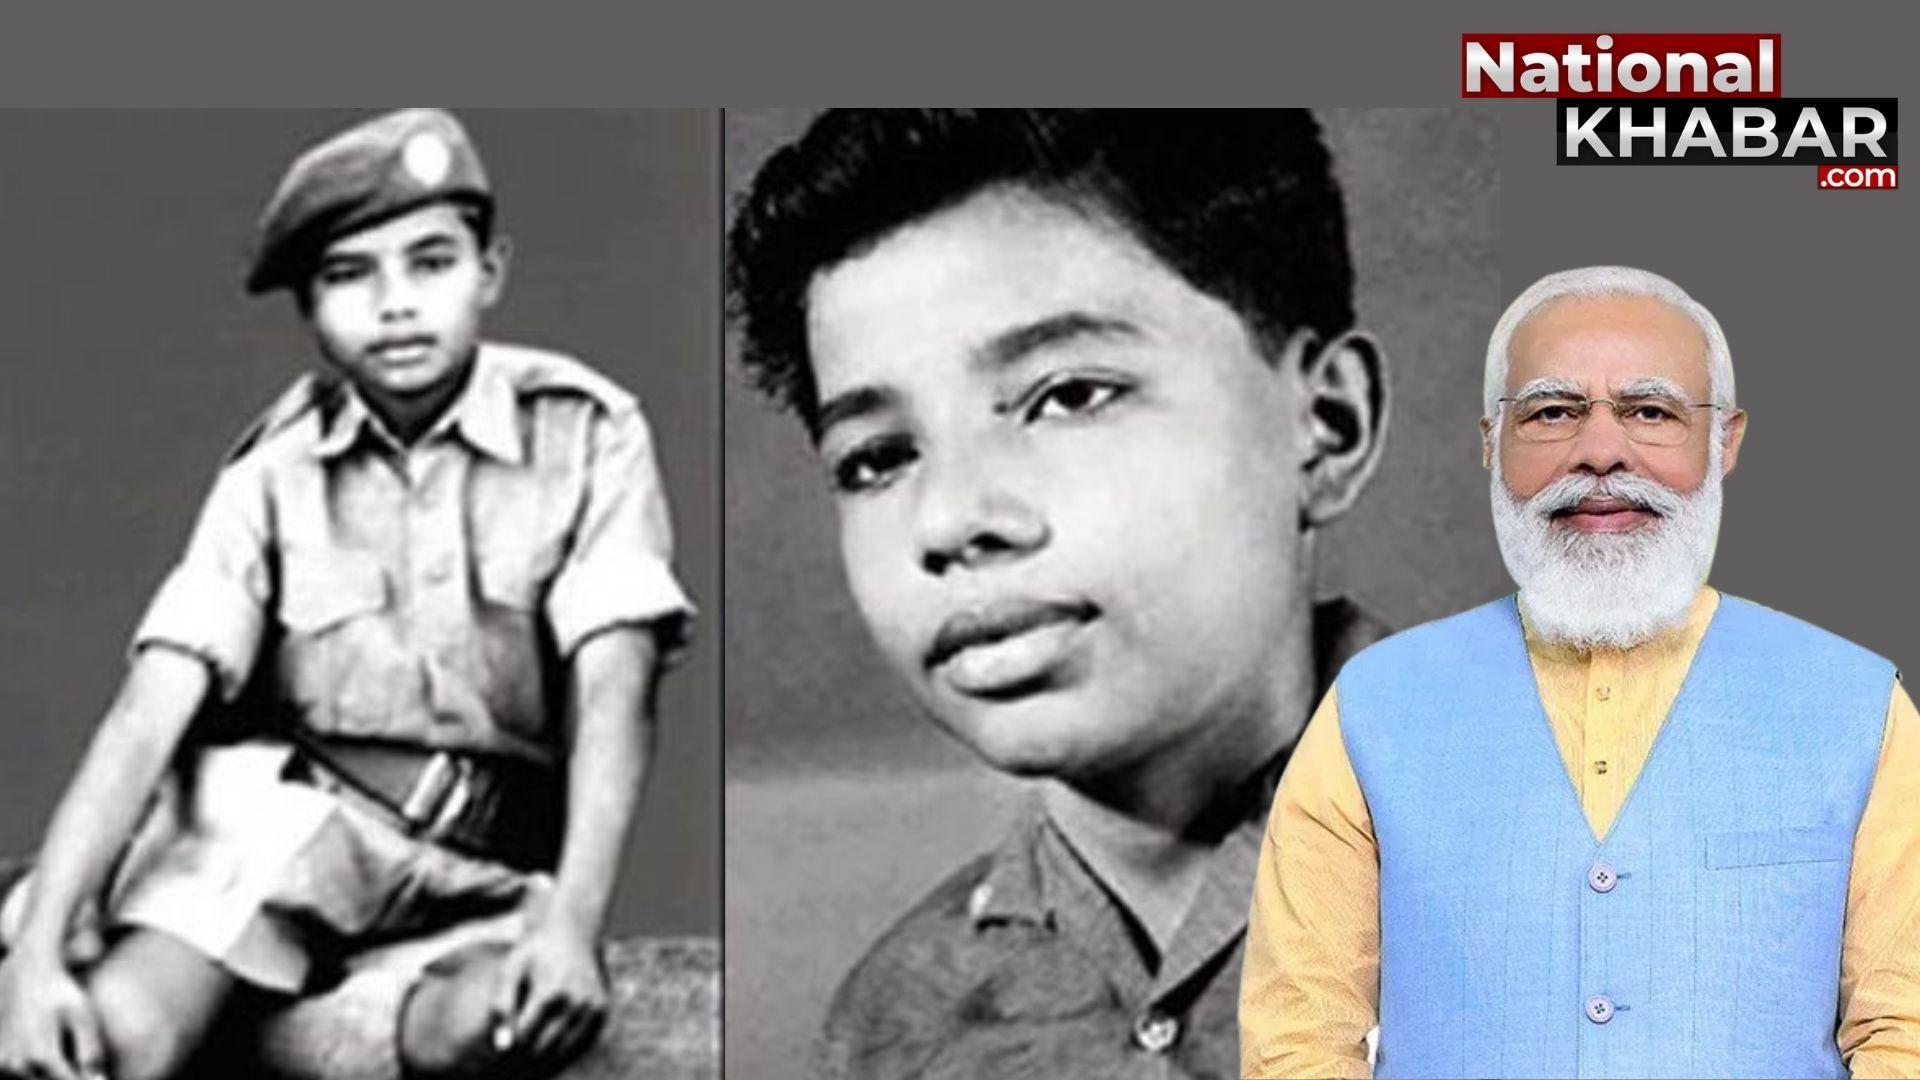 Narendra Modi birthday: पीएम मोदी के जन्मदिन पर जानें संघ से कैसे हुआ जुड़ाव और फिर प्रधानमंत्री बनने तक का सफर